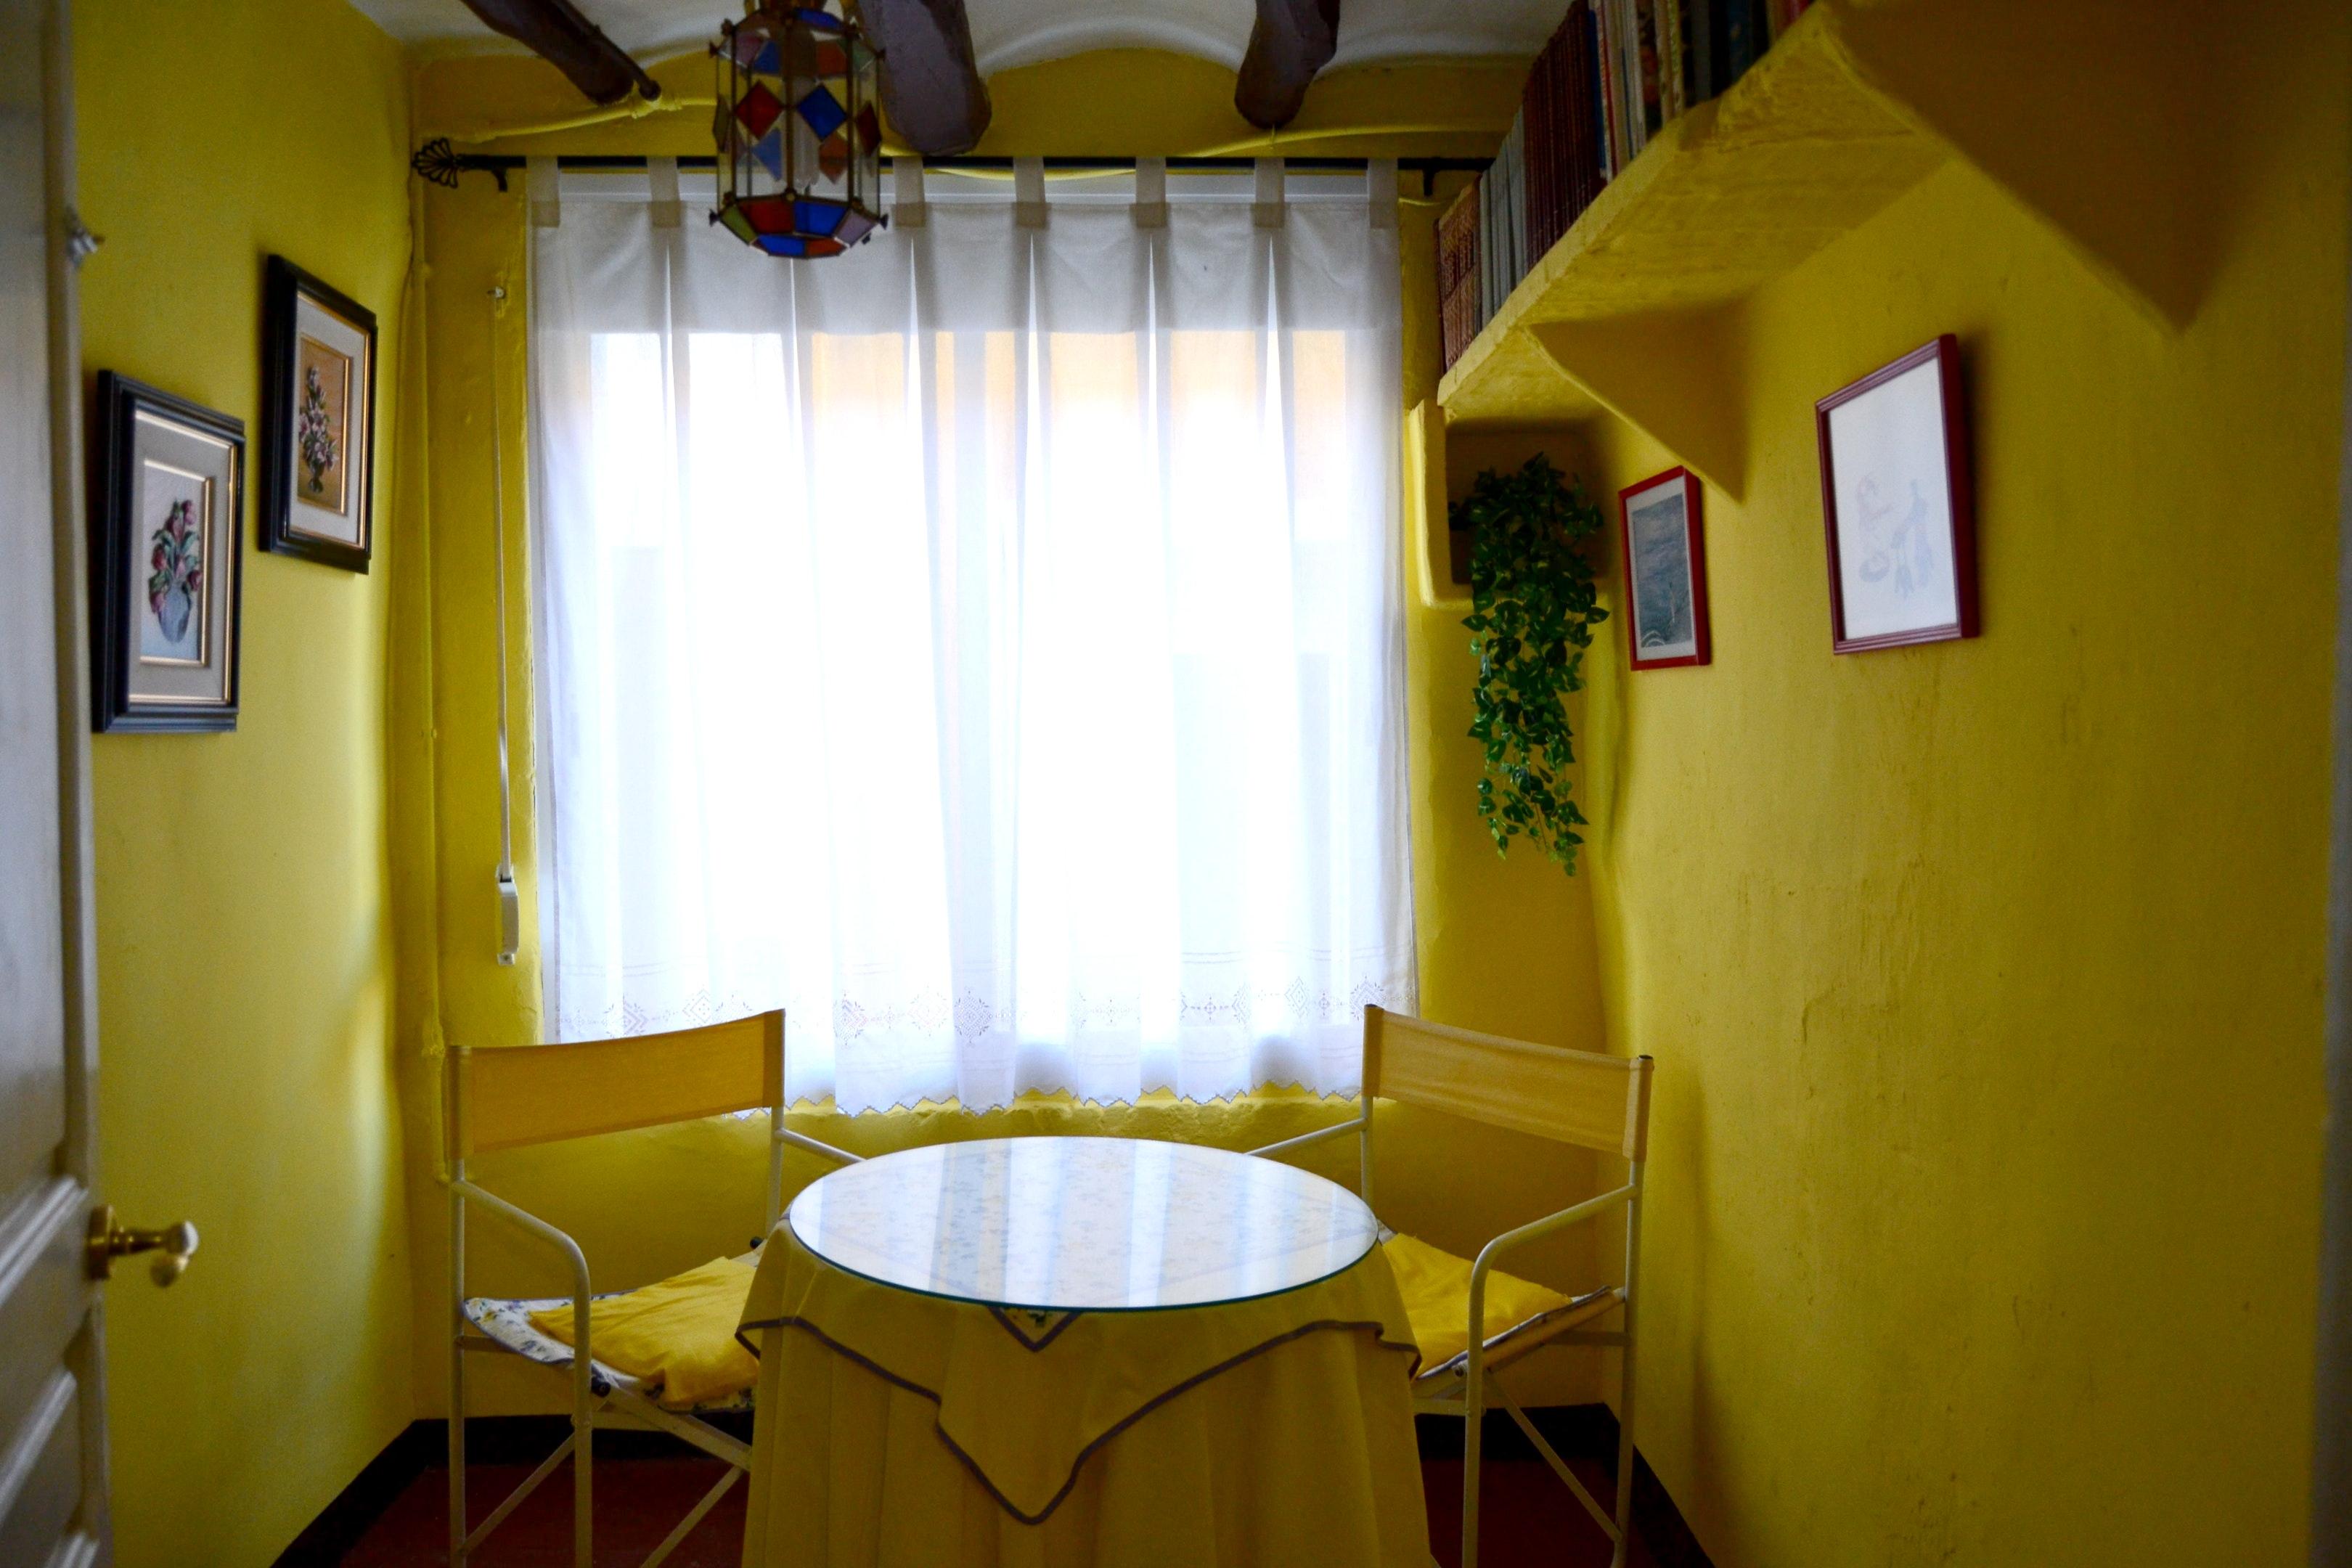 Ferienhaus Haus mit 4 Schlafzimmern in Sant Pere Sacarrera mit toller Aussicht auf die Berge, möblier (2217248), Sant Pere Sacarrera, Barcelona, Katalonien, Spanien, Bild 8